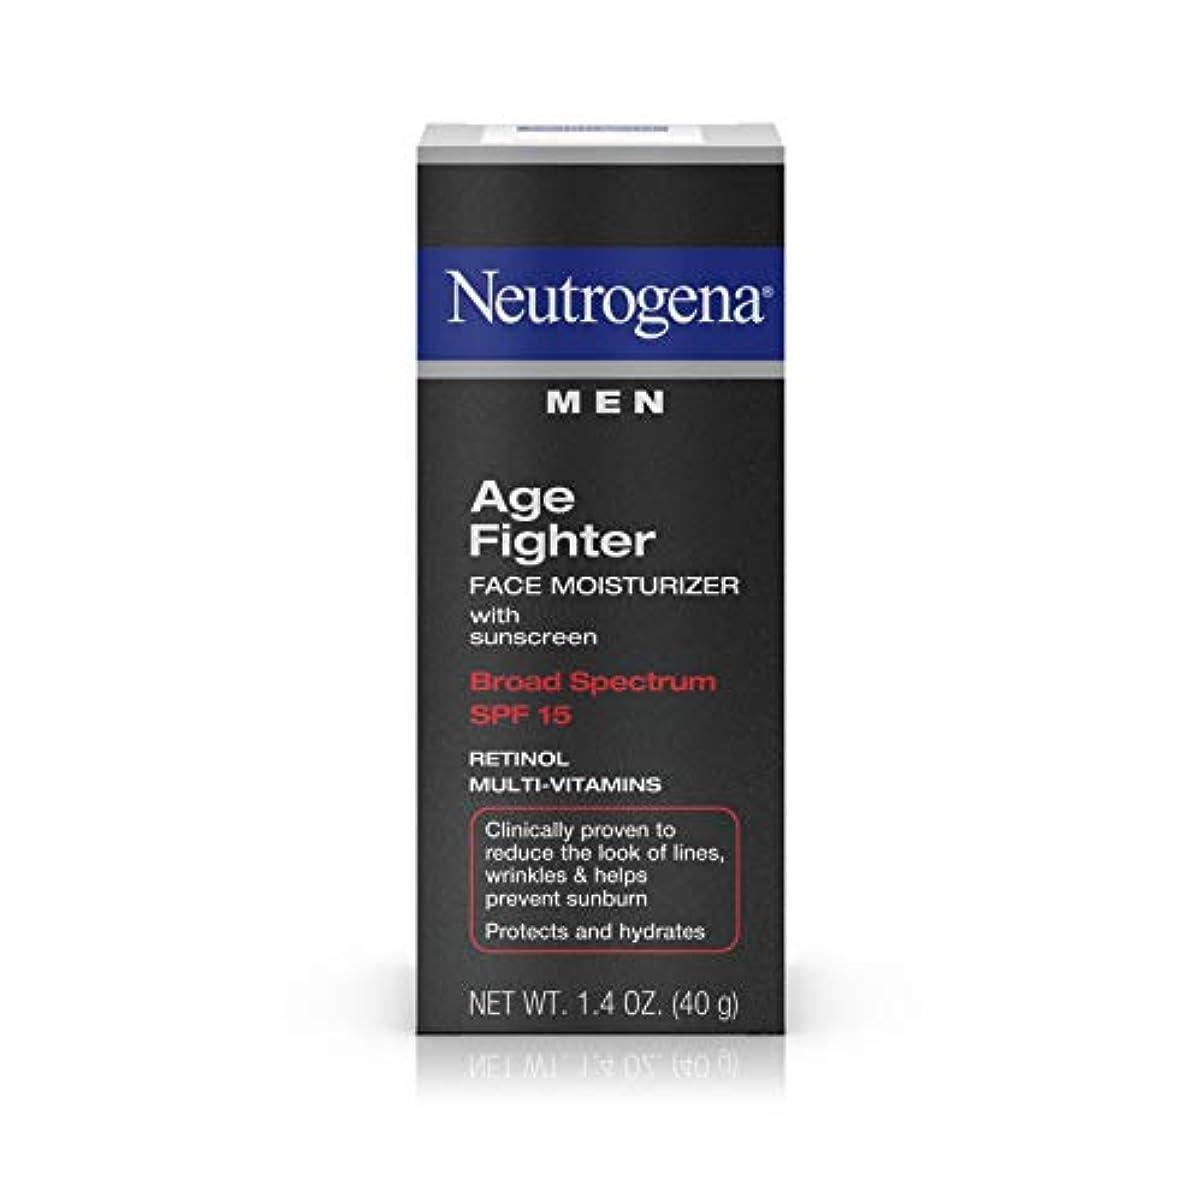 悪因子レンチ緑Neutrogena Men Age Fighter Face Moisturizer with sunscreen SPF 15 1.4oz.(40g) 男性用ニュートロジーナ メン エイジ ファイター フェイス モイスチャライザー